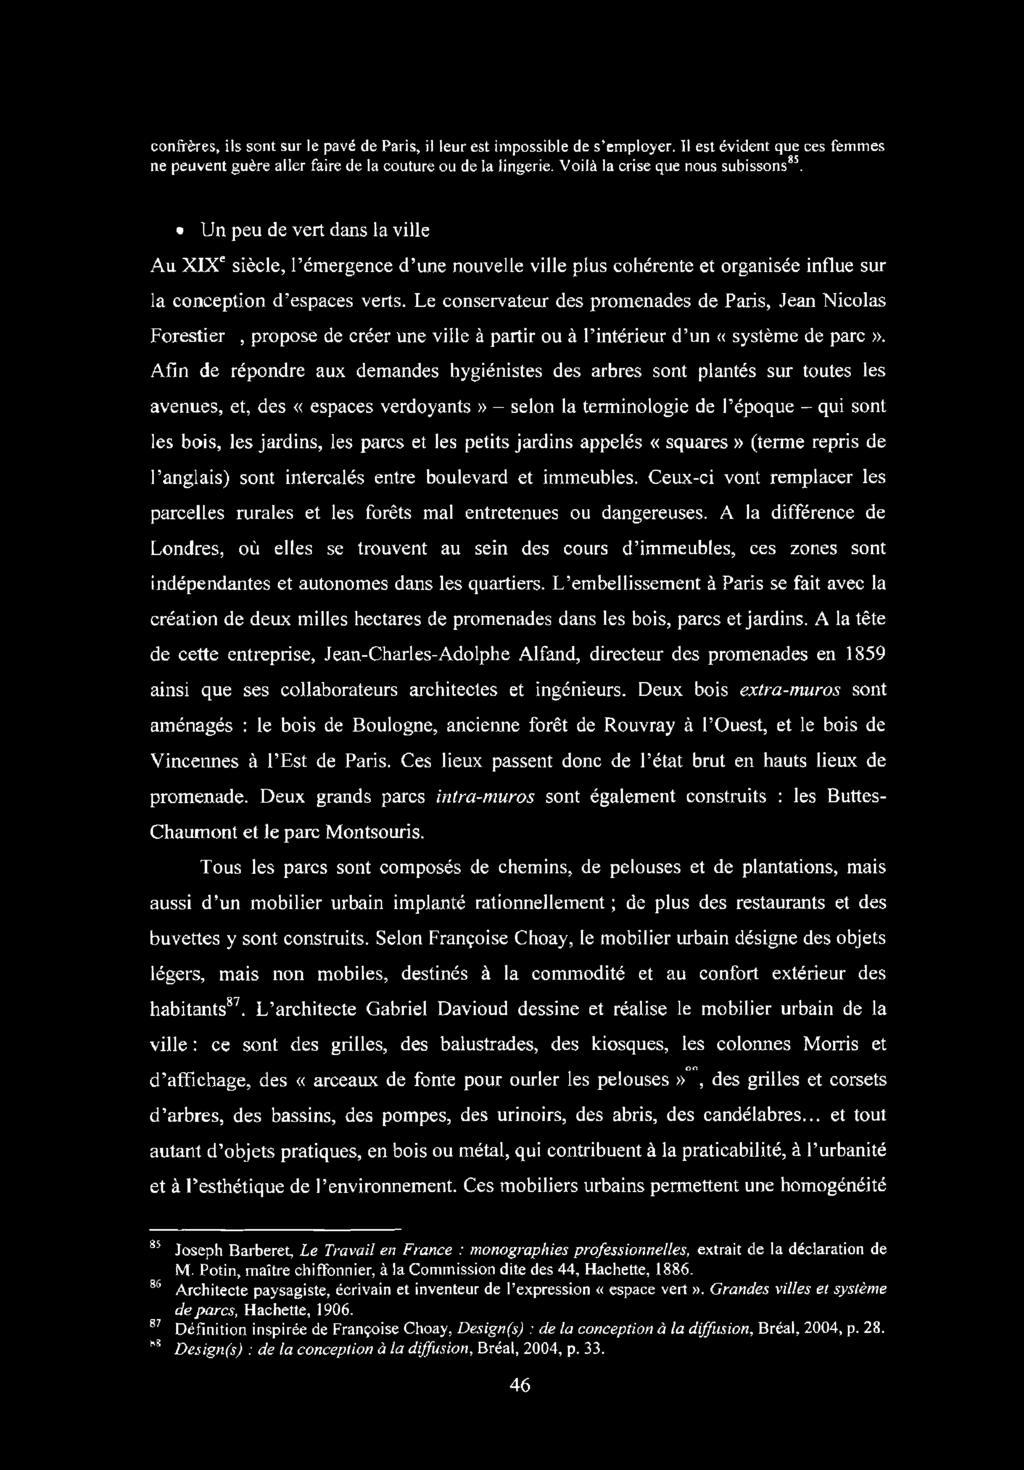 Salon De Jardin Vert Anis Charmant Paris Capitale Du Xixe Si¨cle Perspectives Littéraires Of 37 Charmant Salon De Jardin Vert Anis